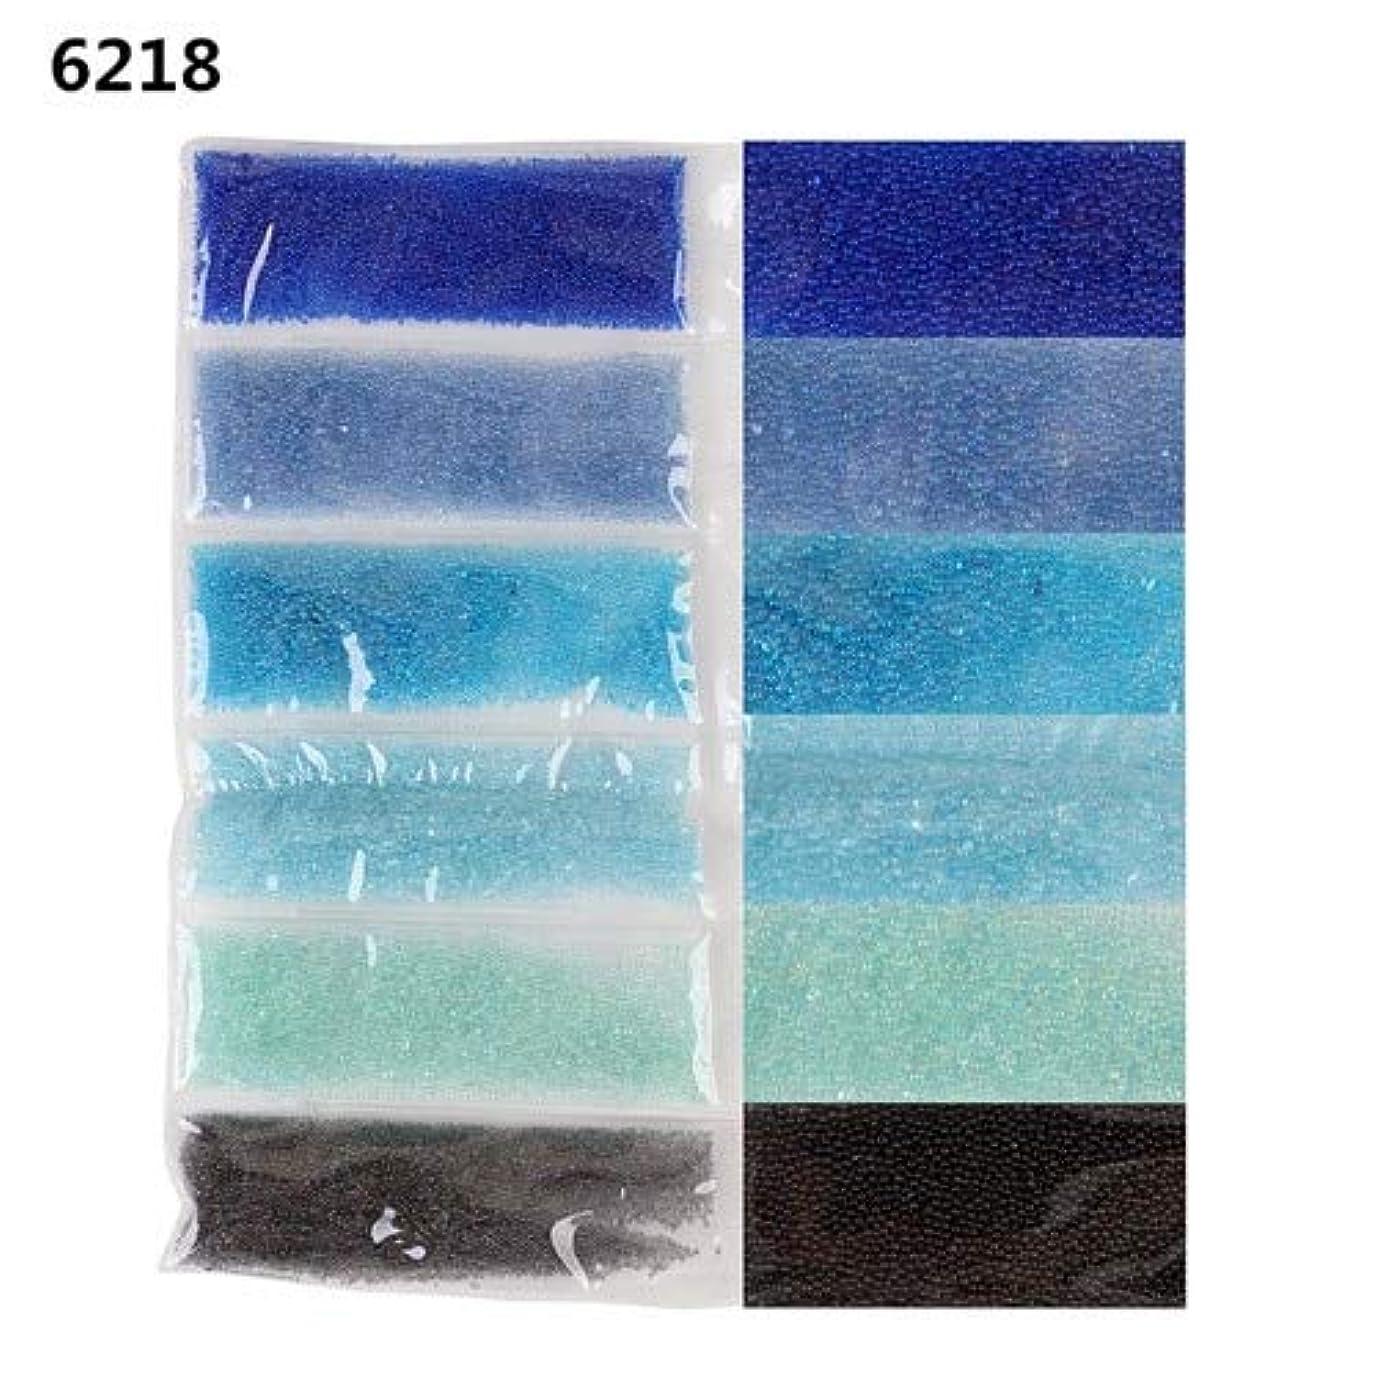 名前を作る痛み可能性1袋6色混合ミニビーズネイルキャビアネイルアートラインストーンネイルクリスタルネイルアートデコレーション3D